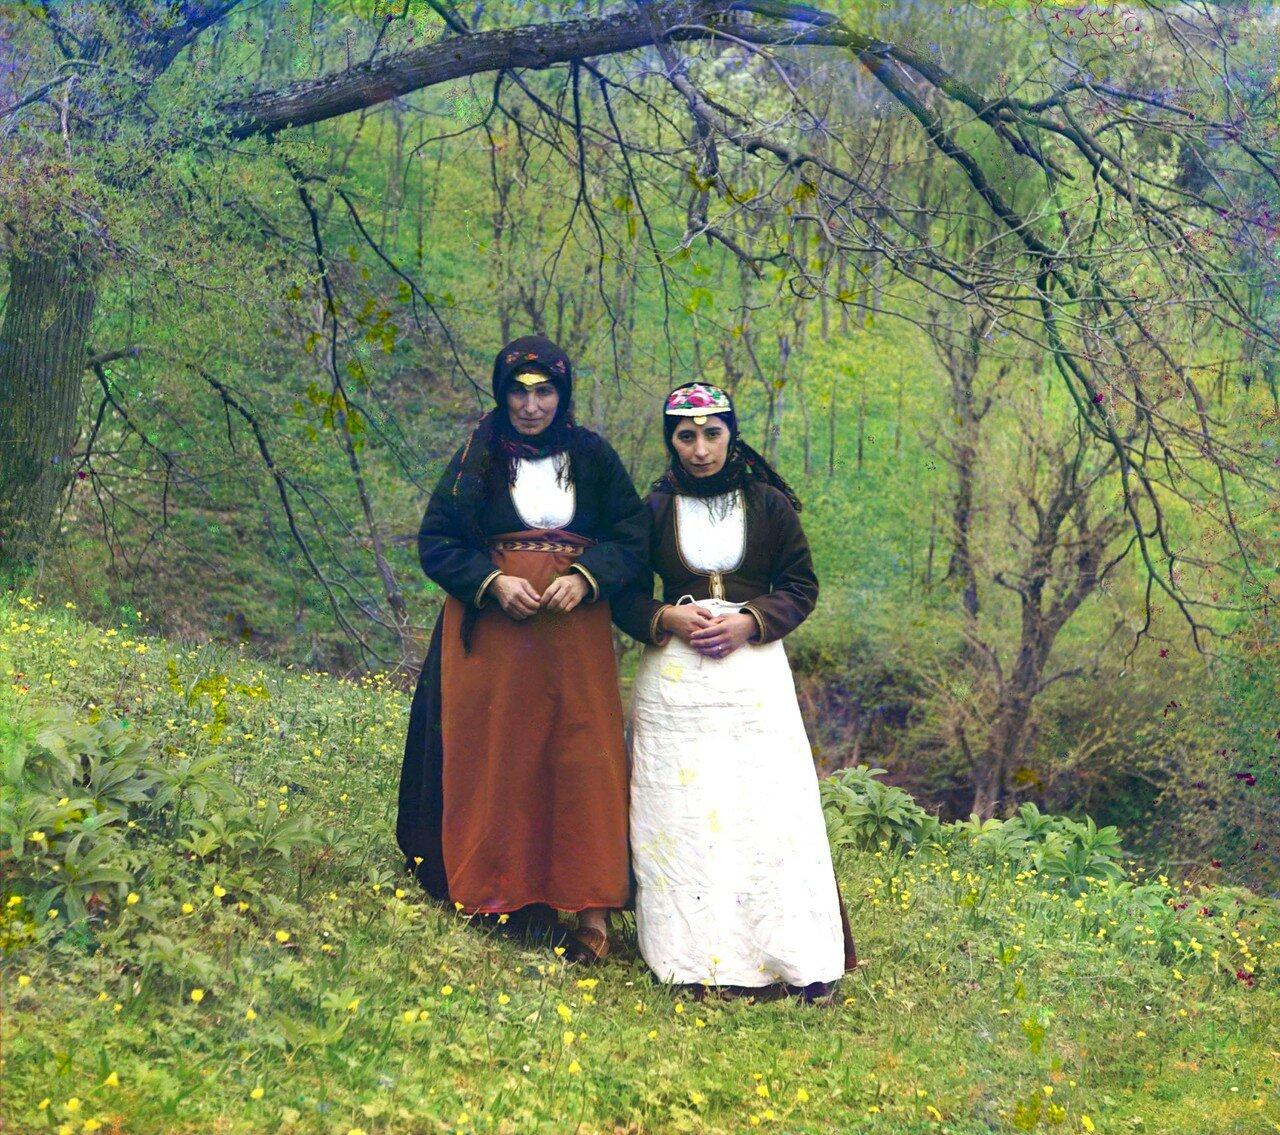 Окрестности Батума. Артвин. Армянки (католички) в обычном костюме